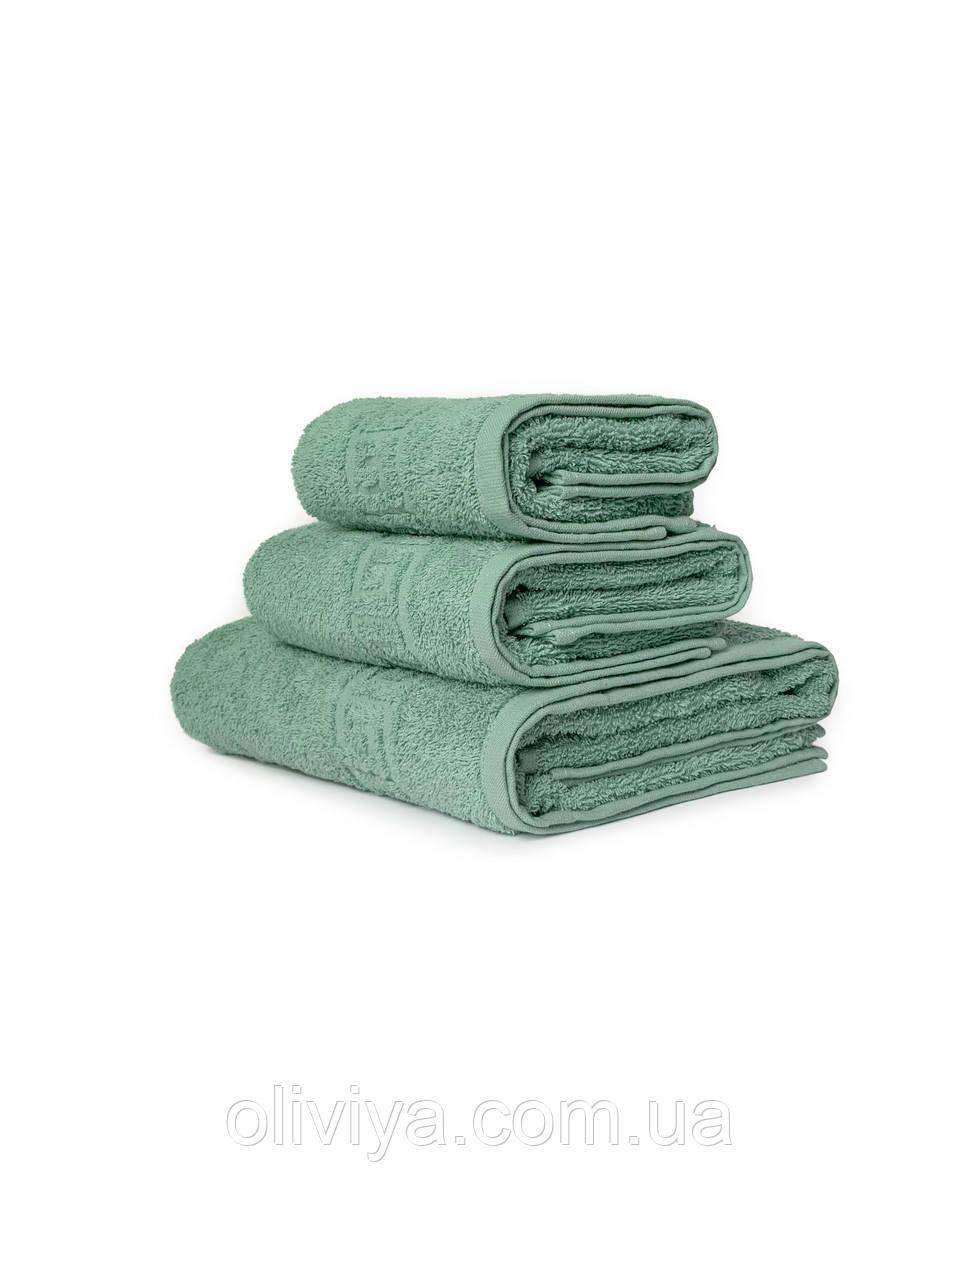 Махрові рушники для домашнього використання малахіт